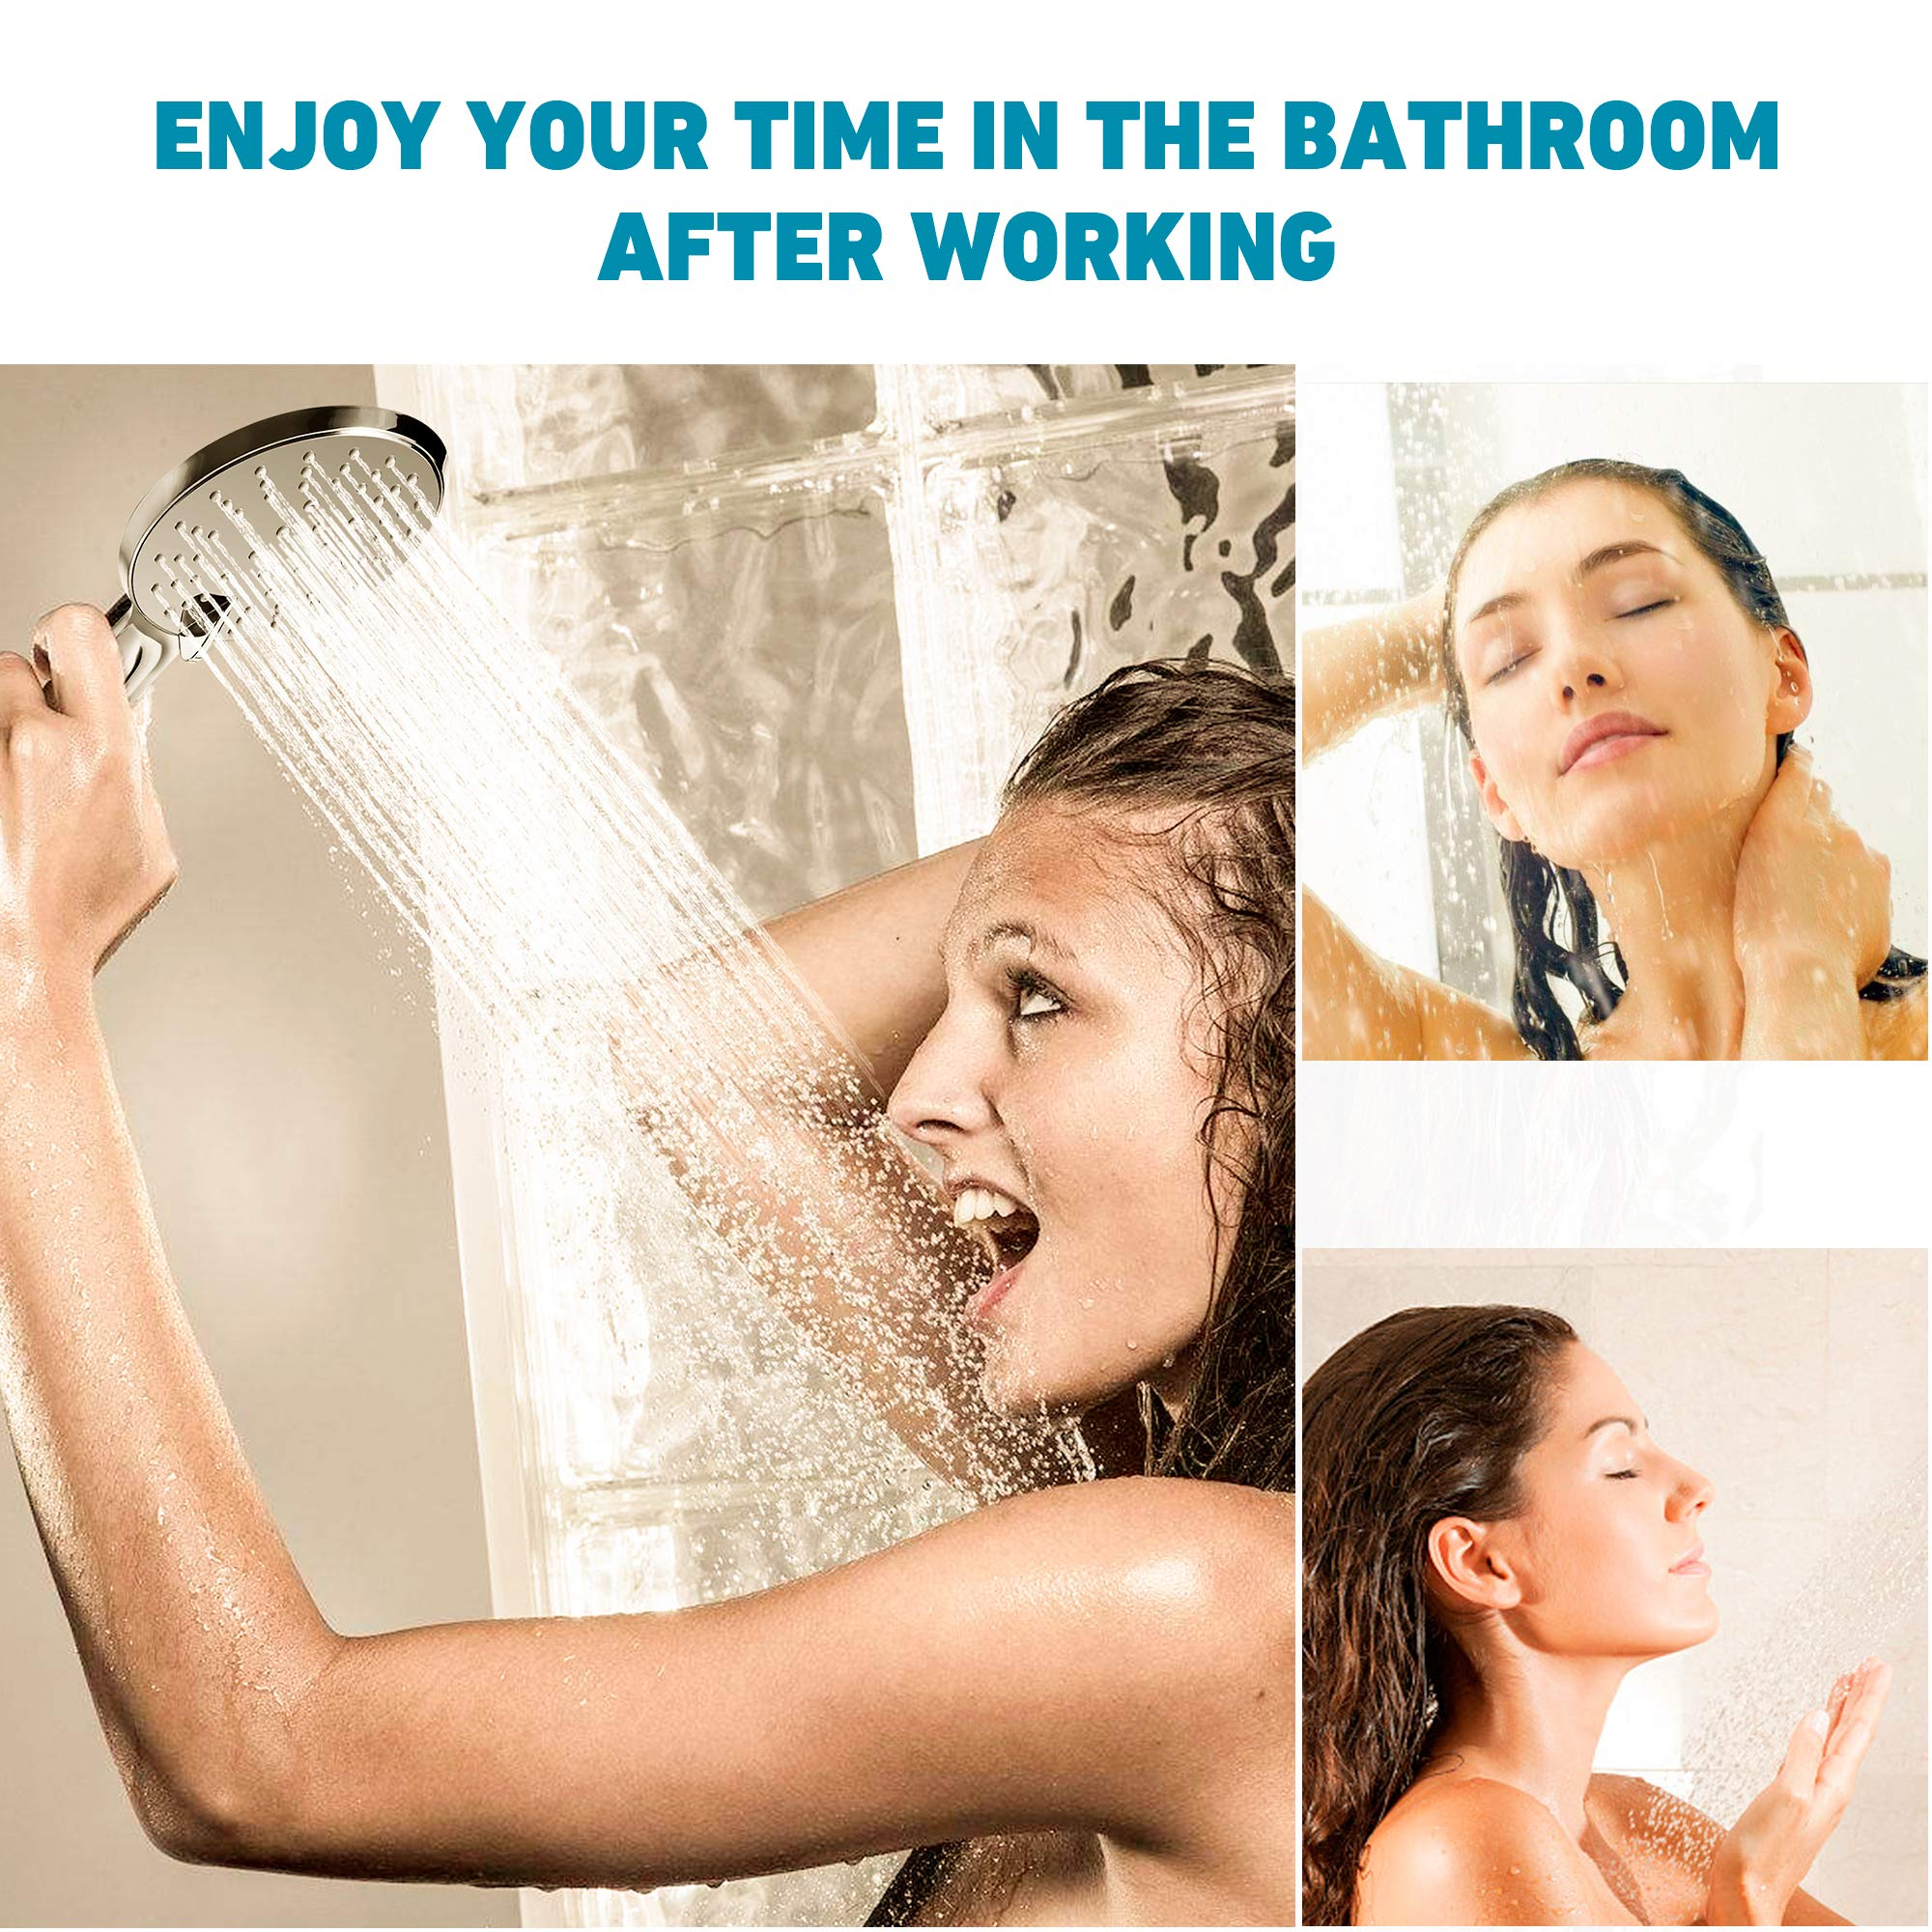 Hiseea Handbrause Duschkopf mit 3 verschiedenen Strahlarten, 20% Wassereinsparung, ABS-Material, Chrom